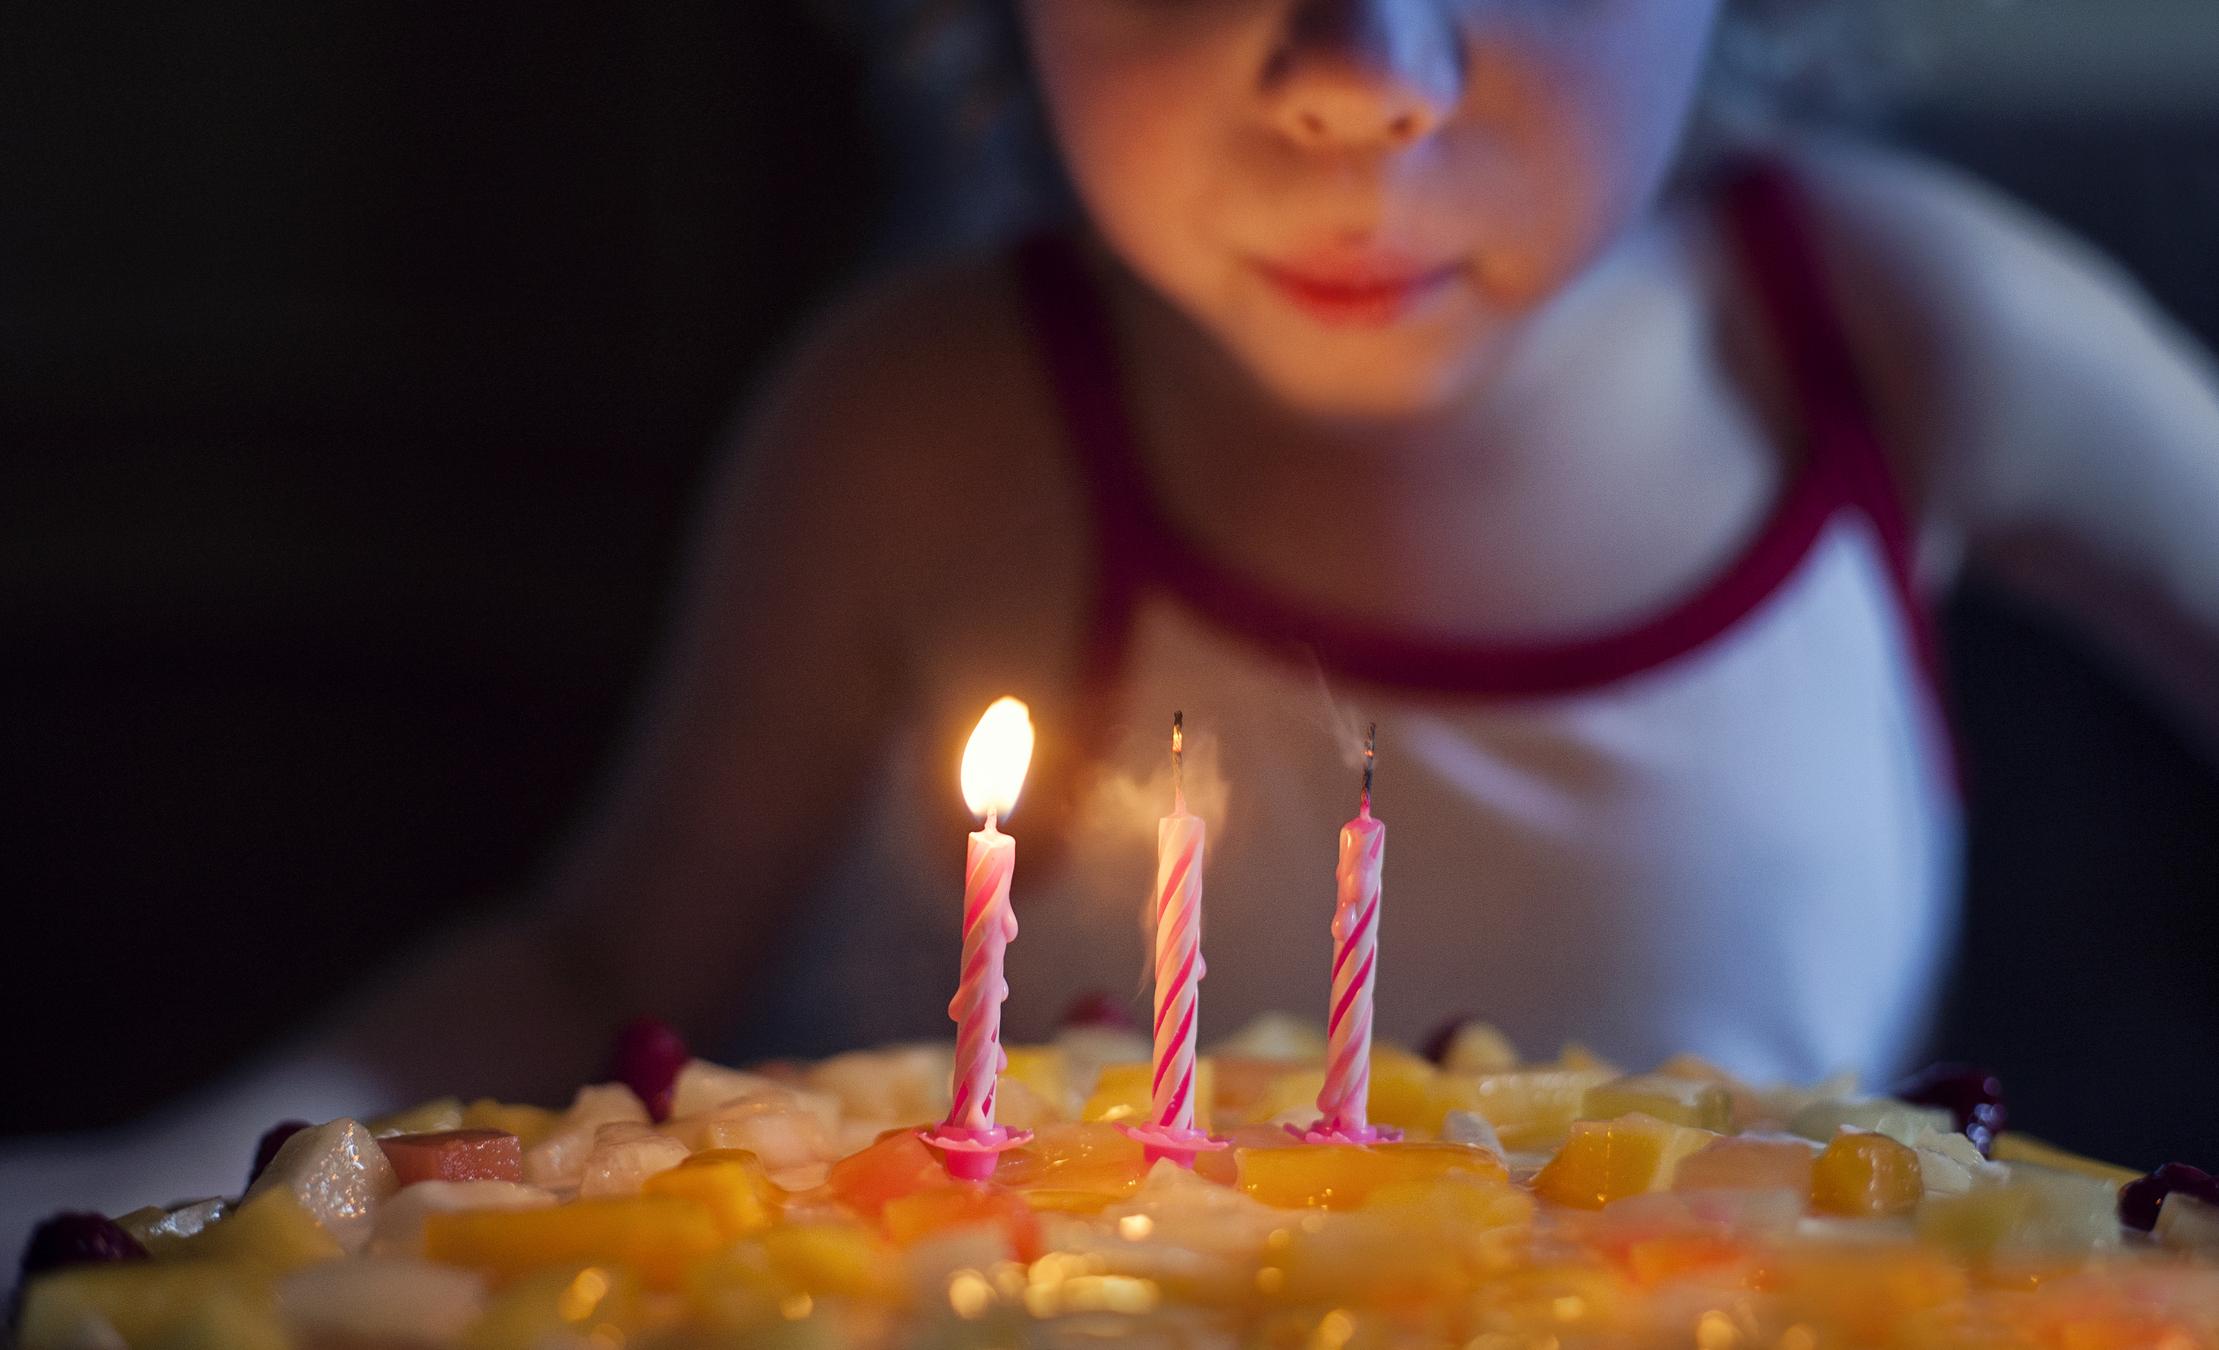 Un copil de 3 ani a murit de ziua lui de naștere, după ce s-a împușcat accidental. Unde a găsit arma